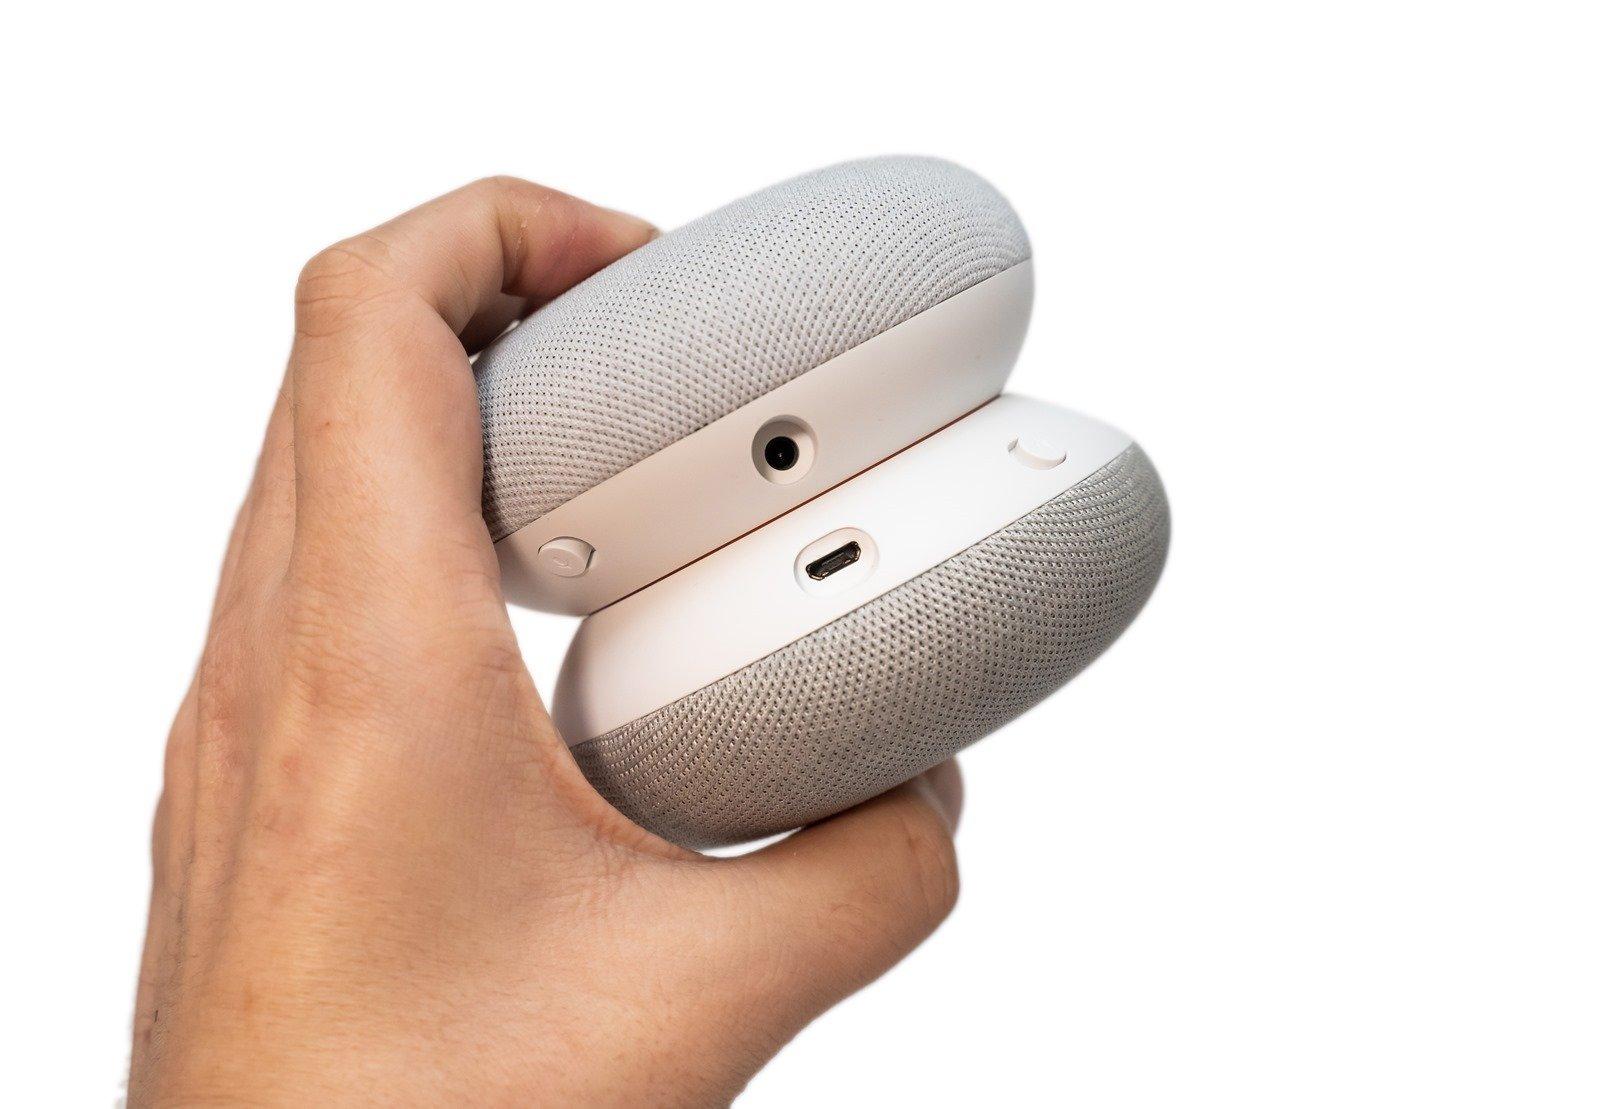 最推薦入手智慧音箱 Google Nest Mini 開箱與分享!開箱 / 使用技巧 / 版本差異 @3C 達人廖阿輝